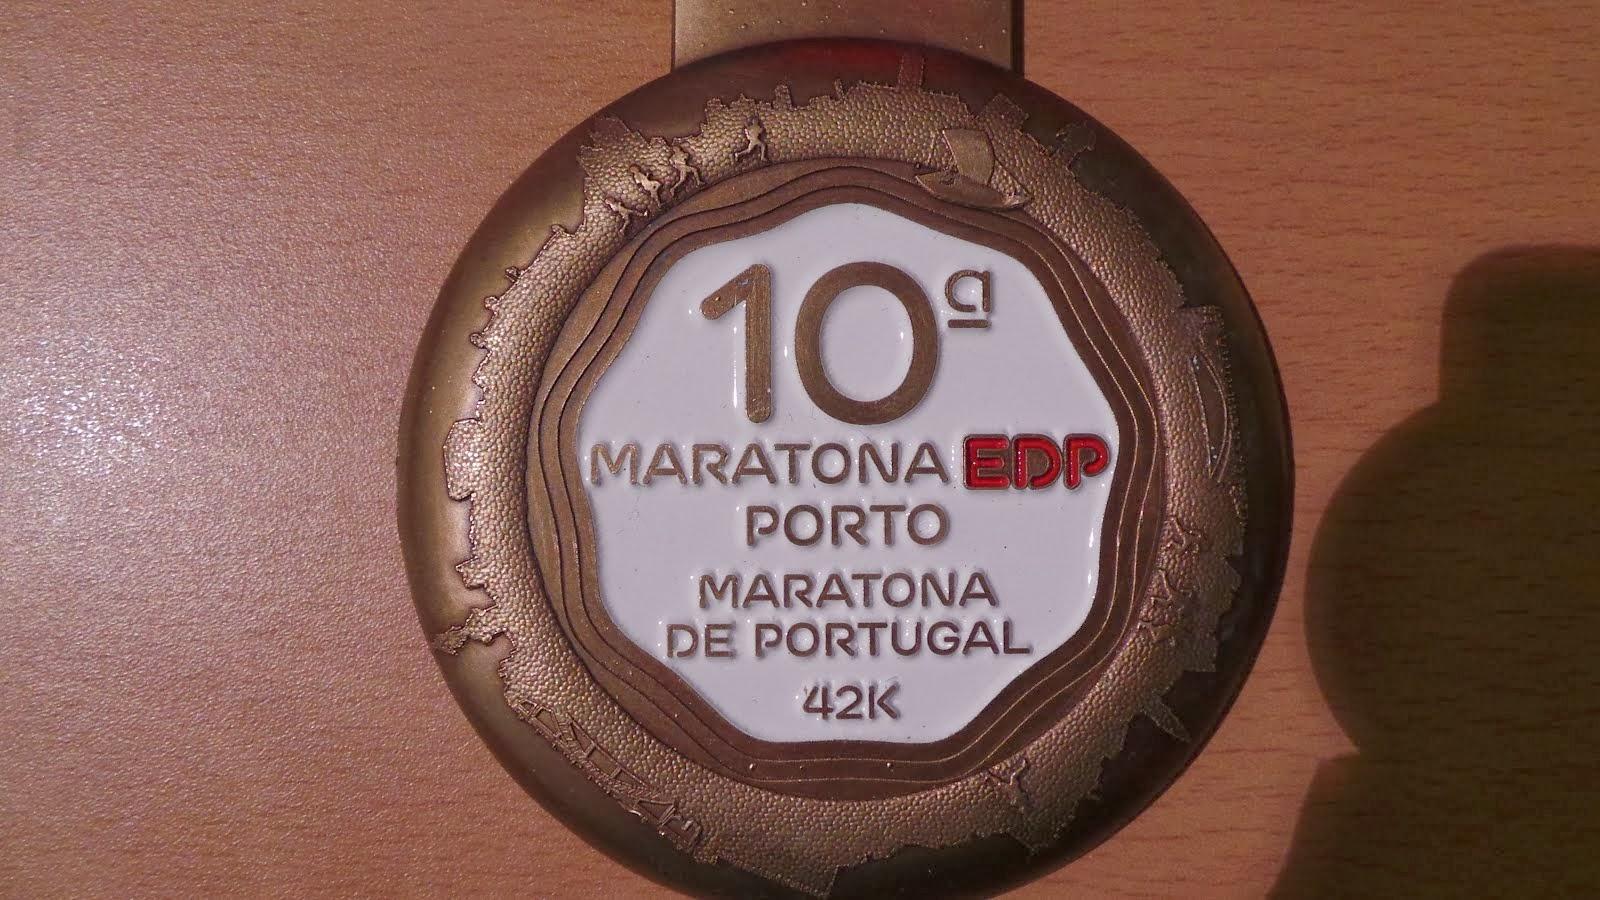 Porto 2013: 3.10.13´´